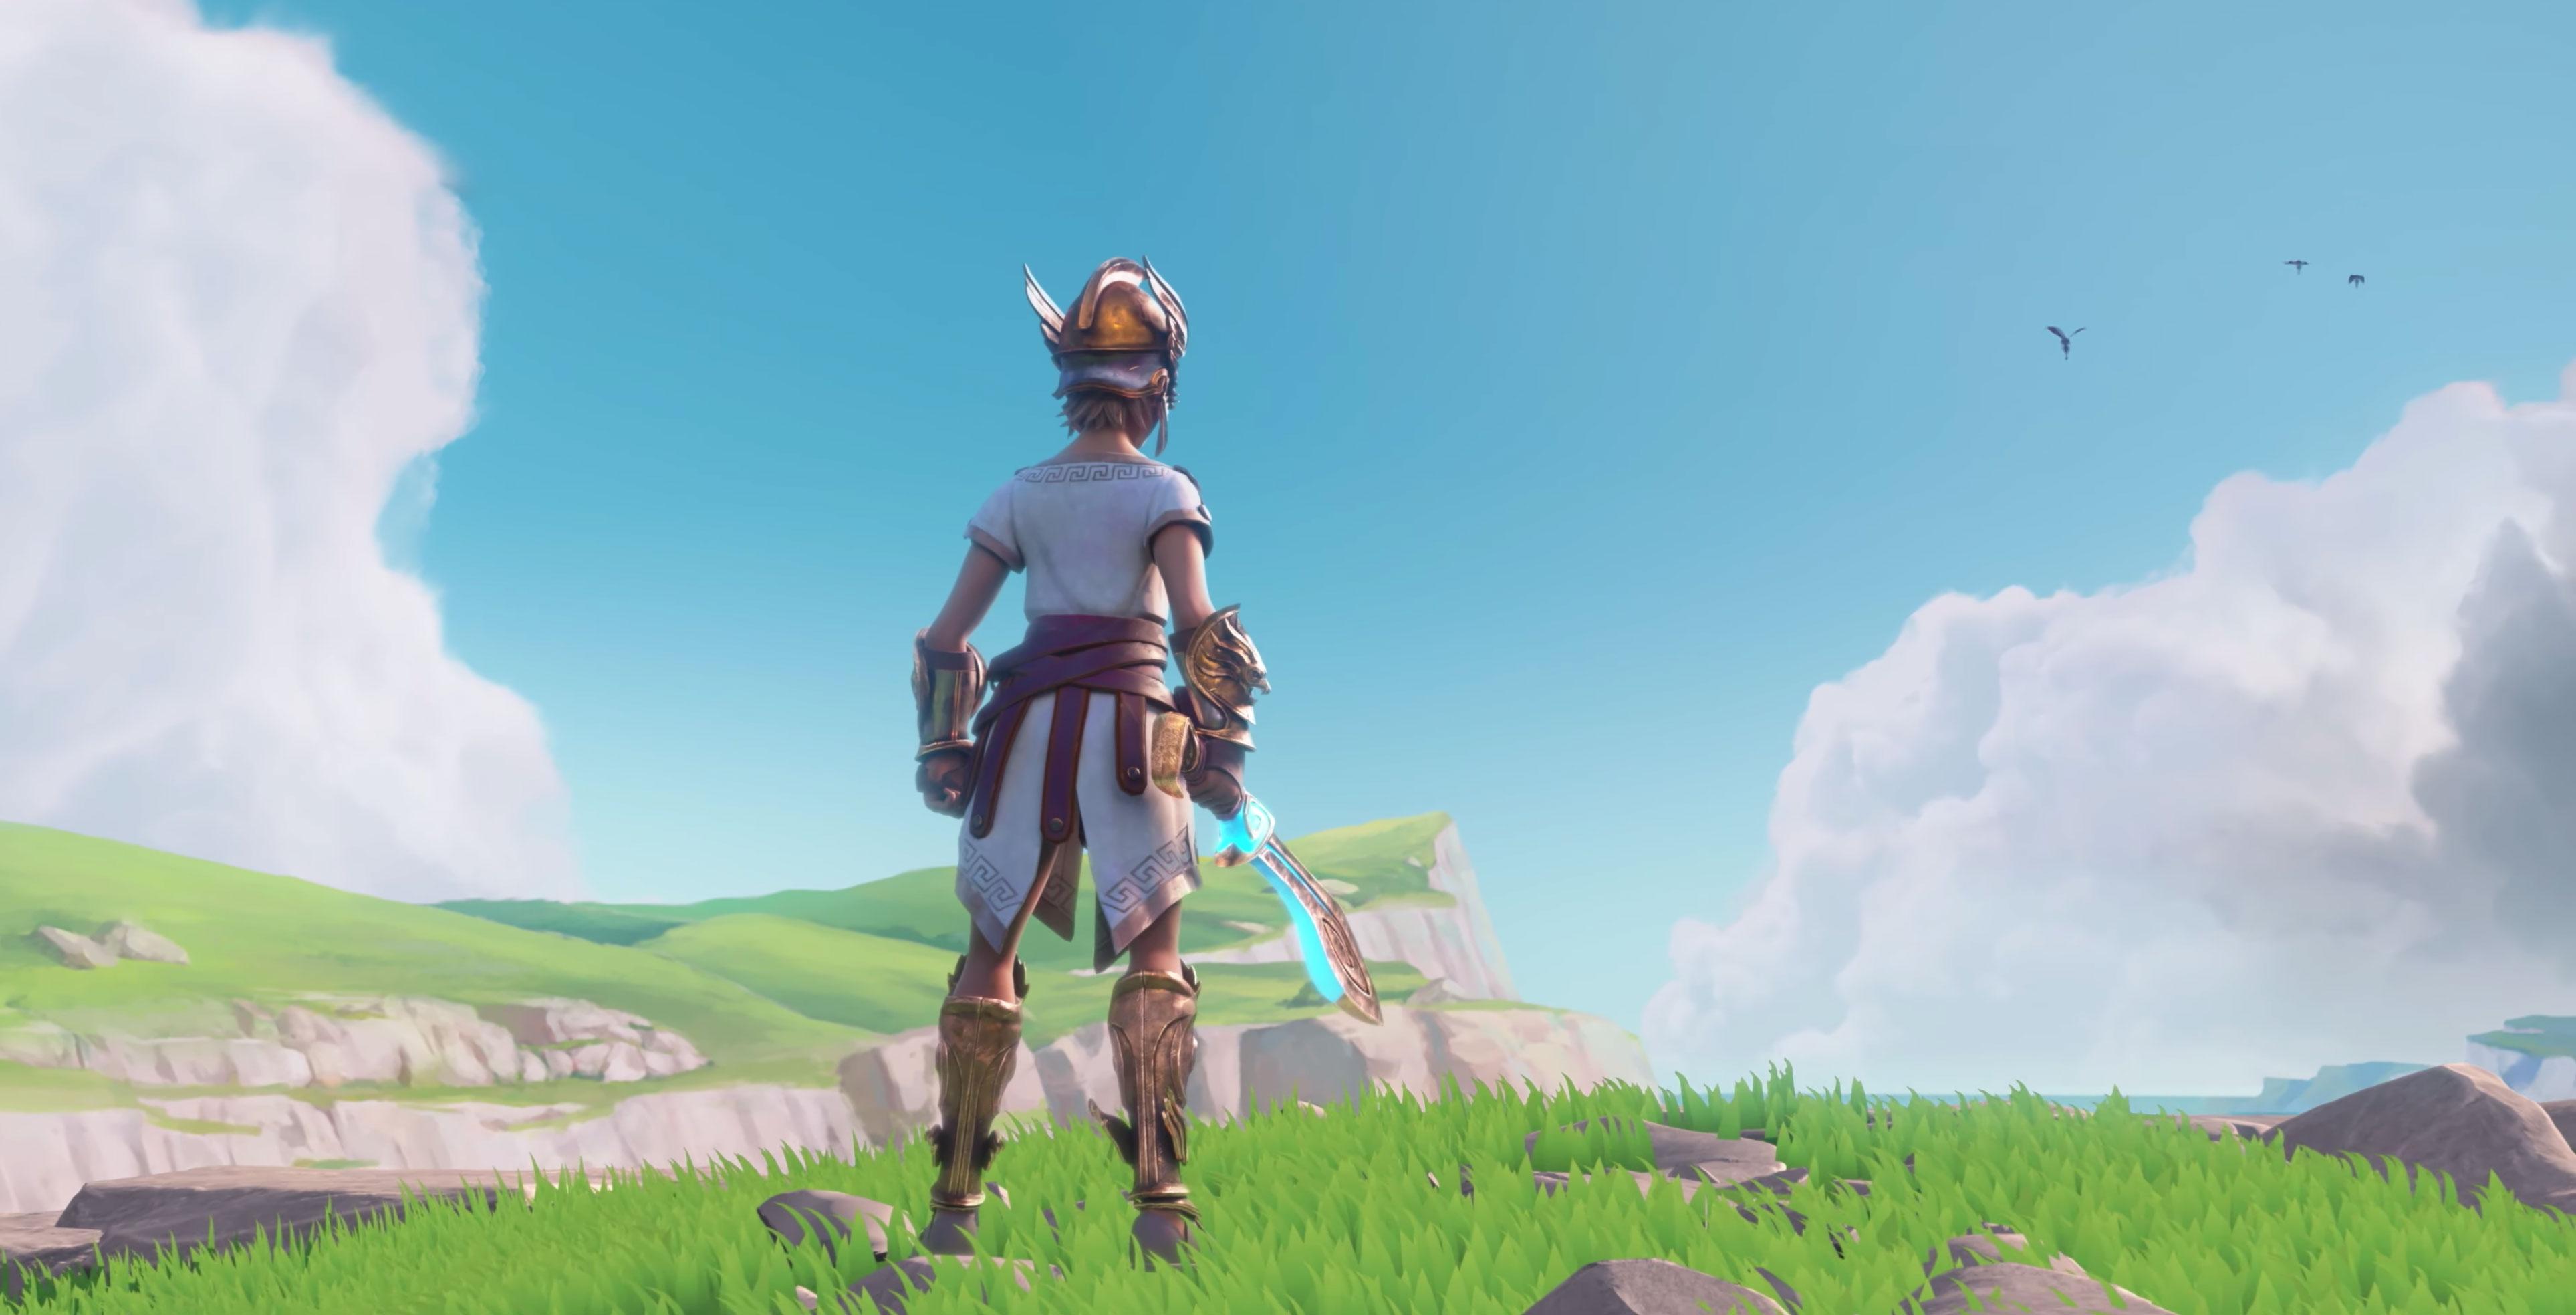 اطلاعات جدیدی از بازی Gods & Monsters منتشر شد